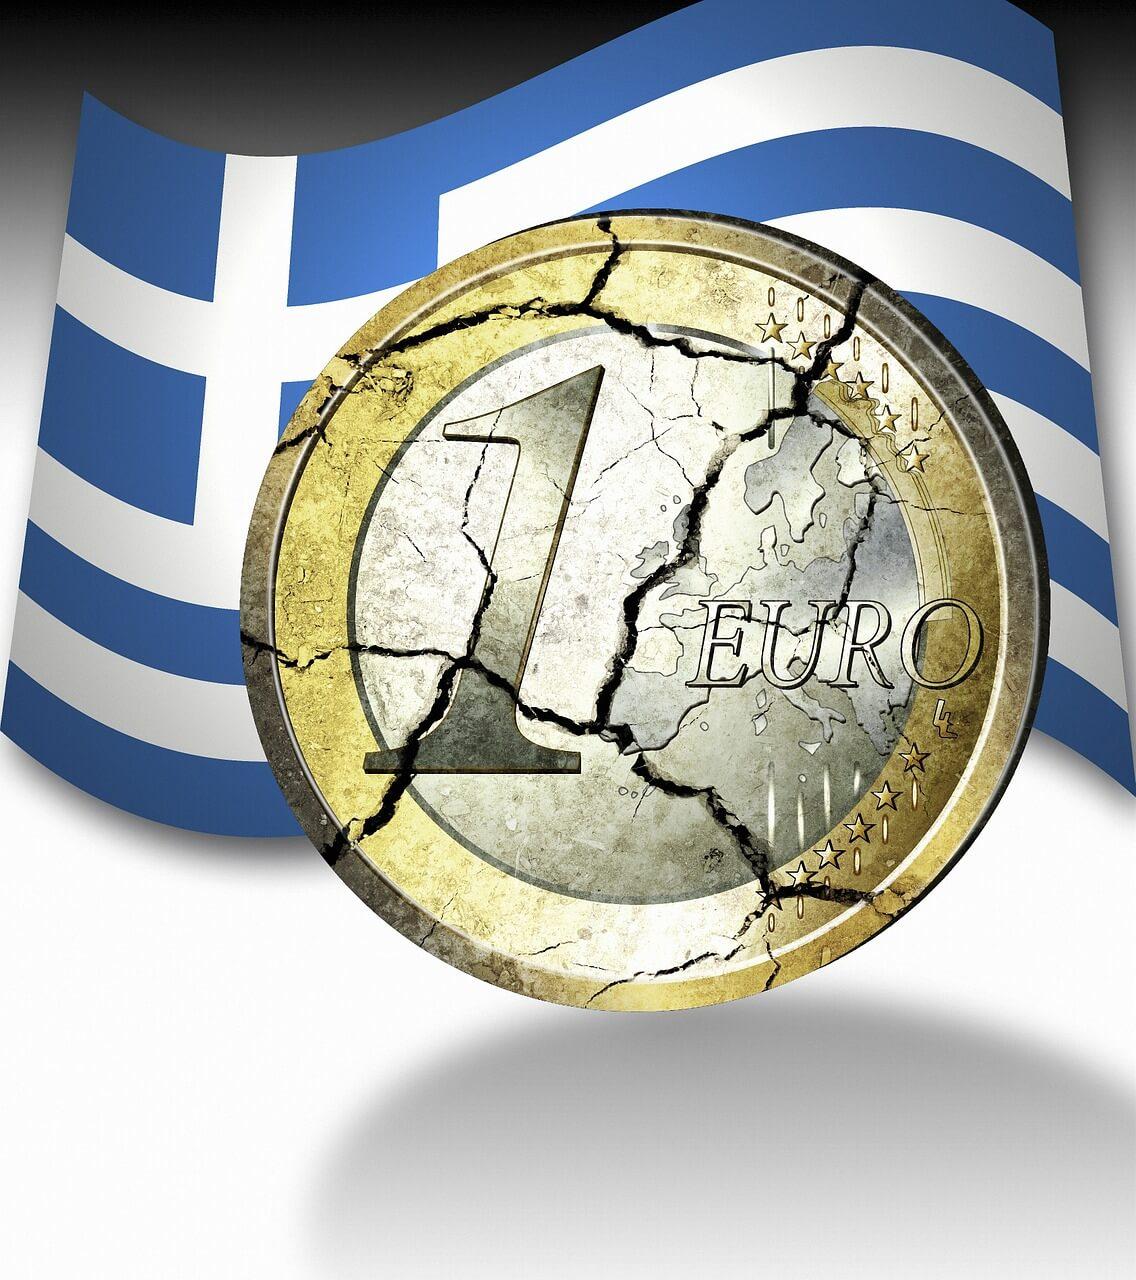 Droht der Grexit aus dem Euro? EU-Finanzminister beraten